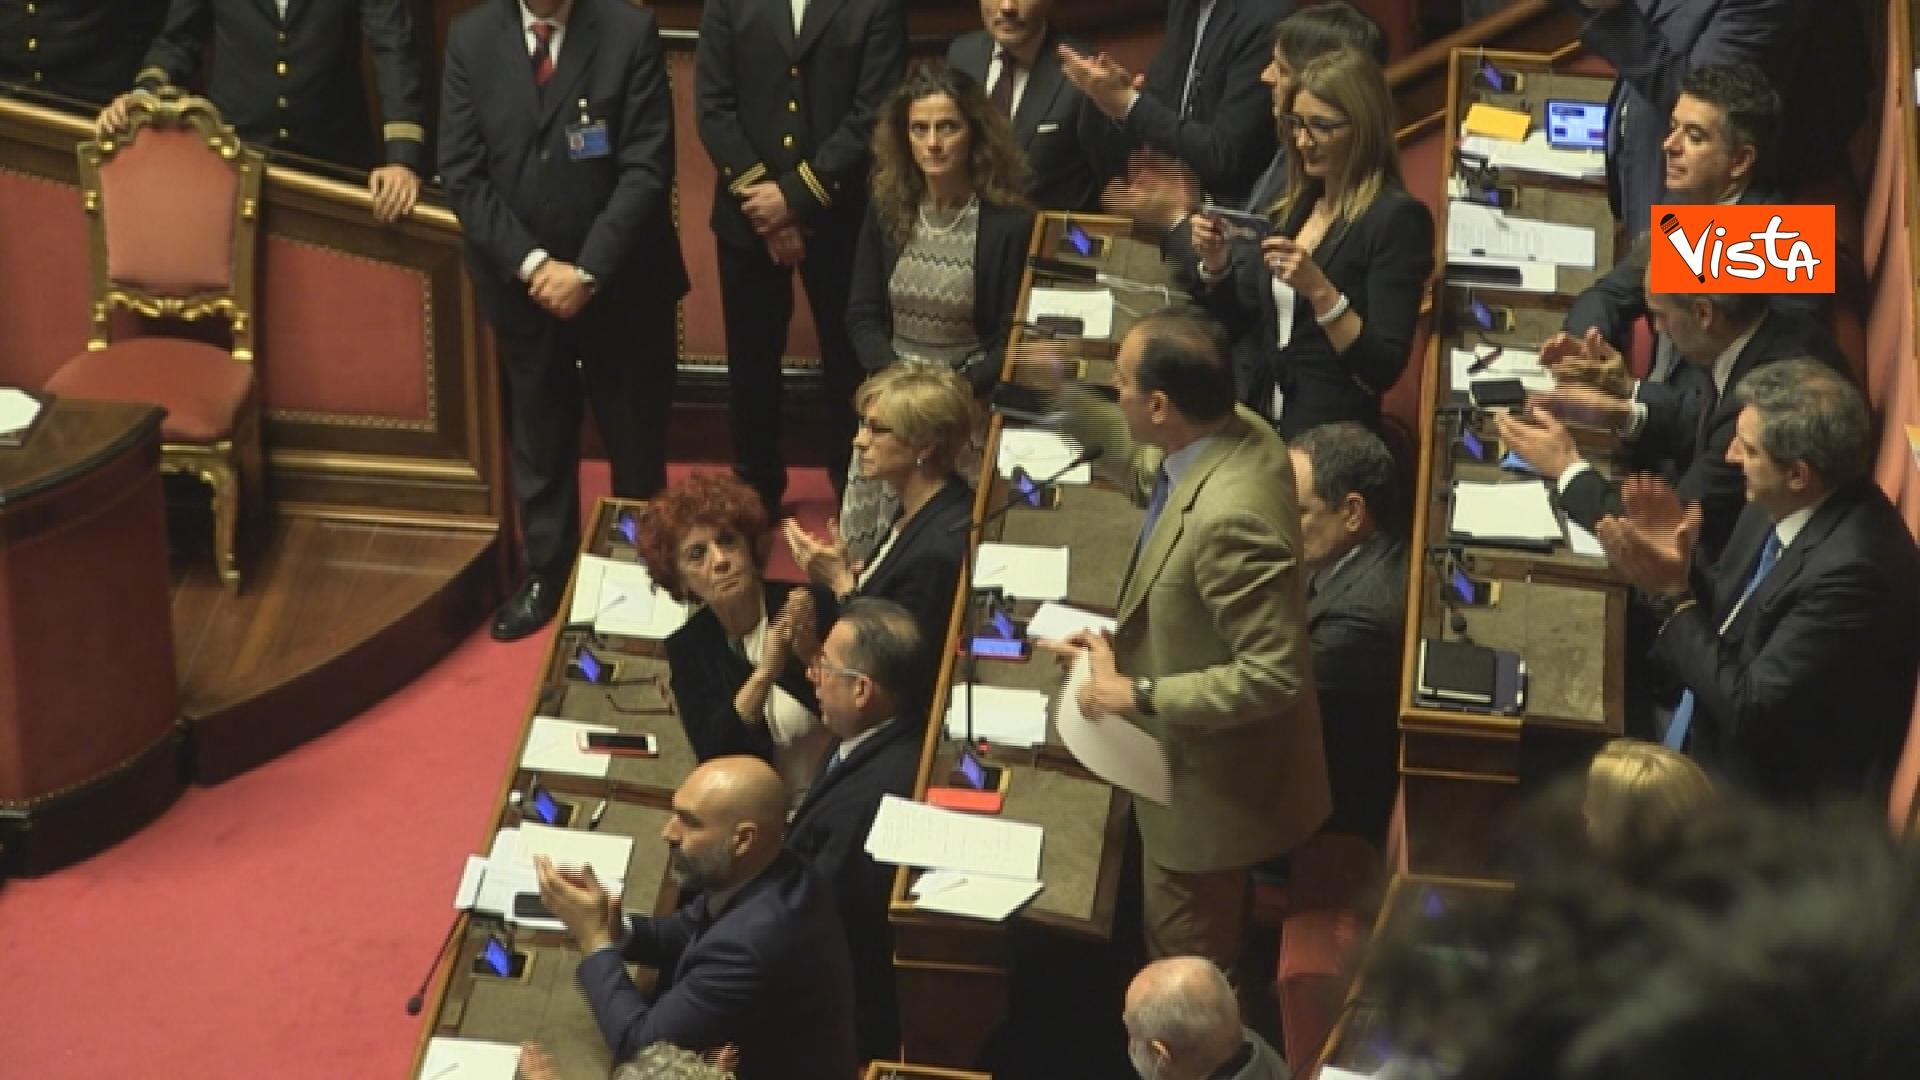 21-03-19 Mozione sfiducia per Toninelli al Senato le immagini dell Aula_il capogruppo del Pd Andrea Marcucci 06